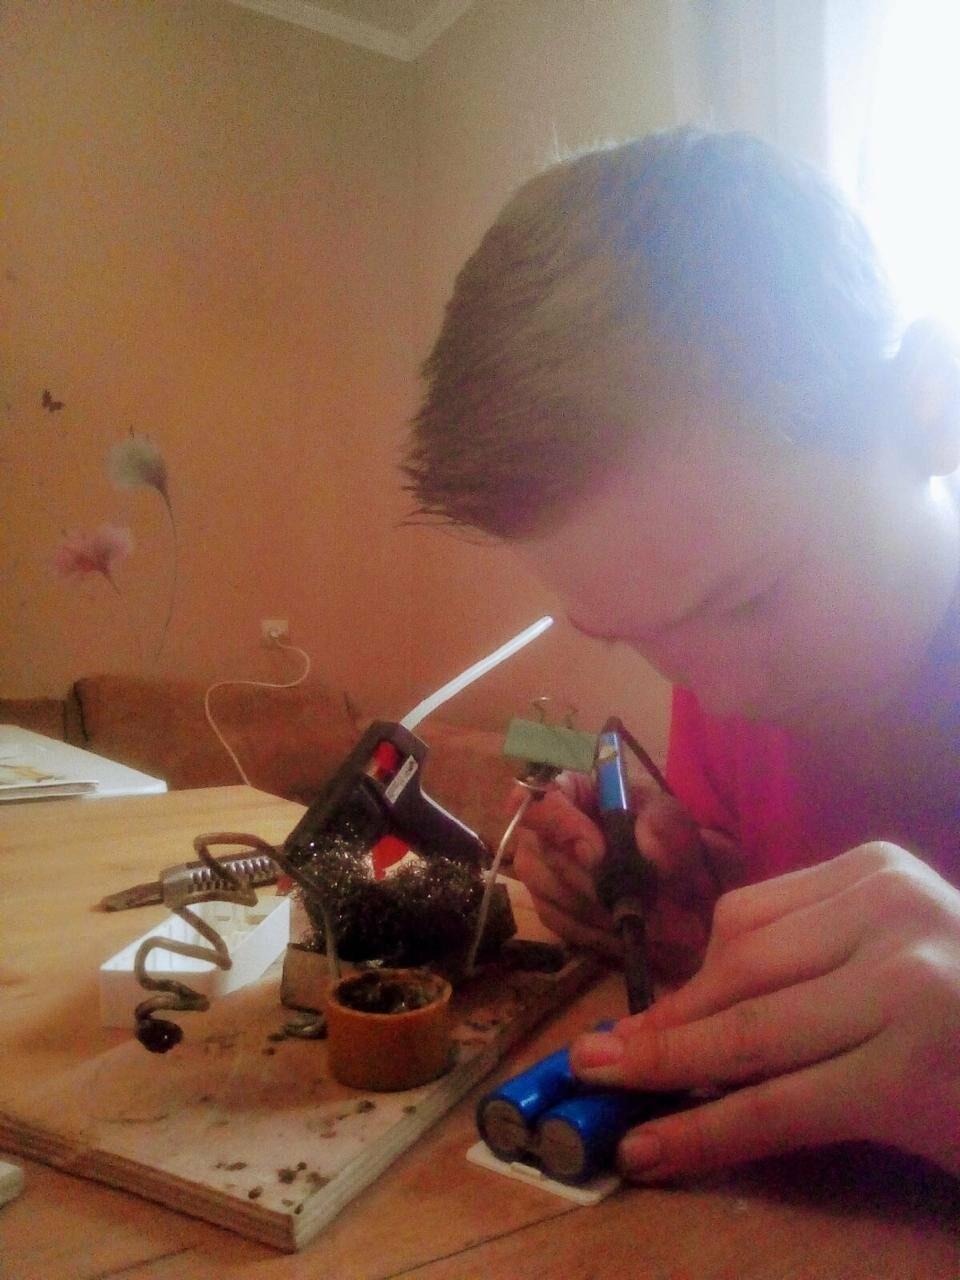 Юные новошахтинцы продолжают исследовательскую деятельность дома, фото-1